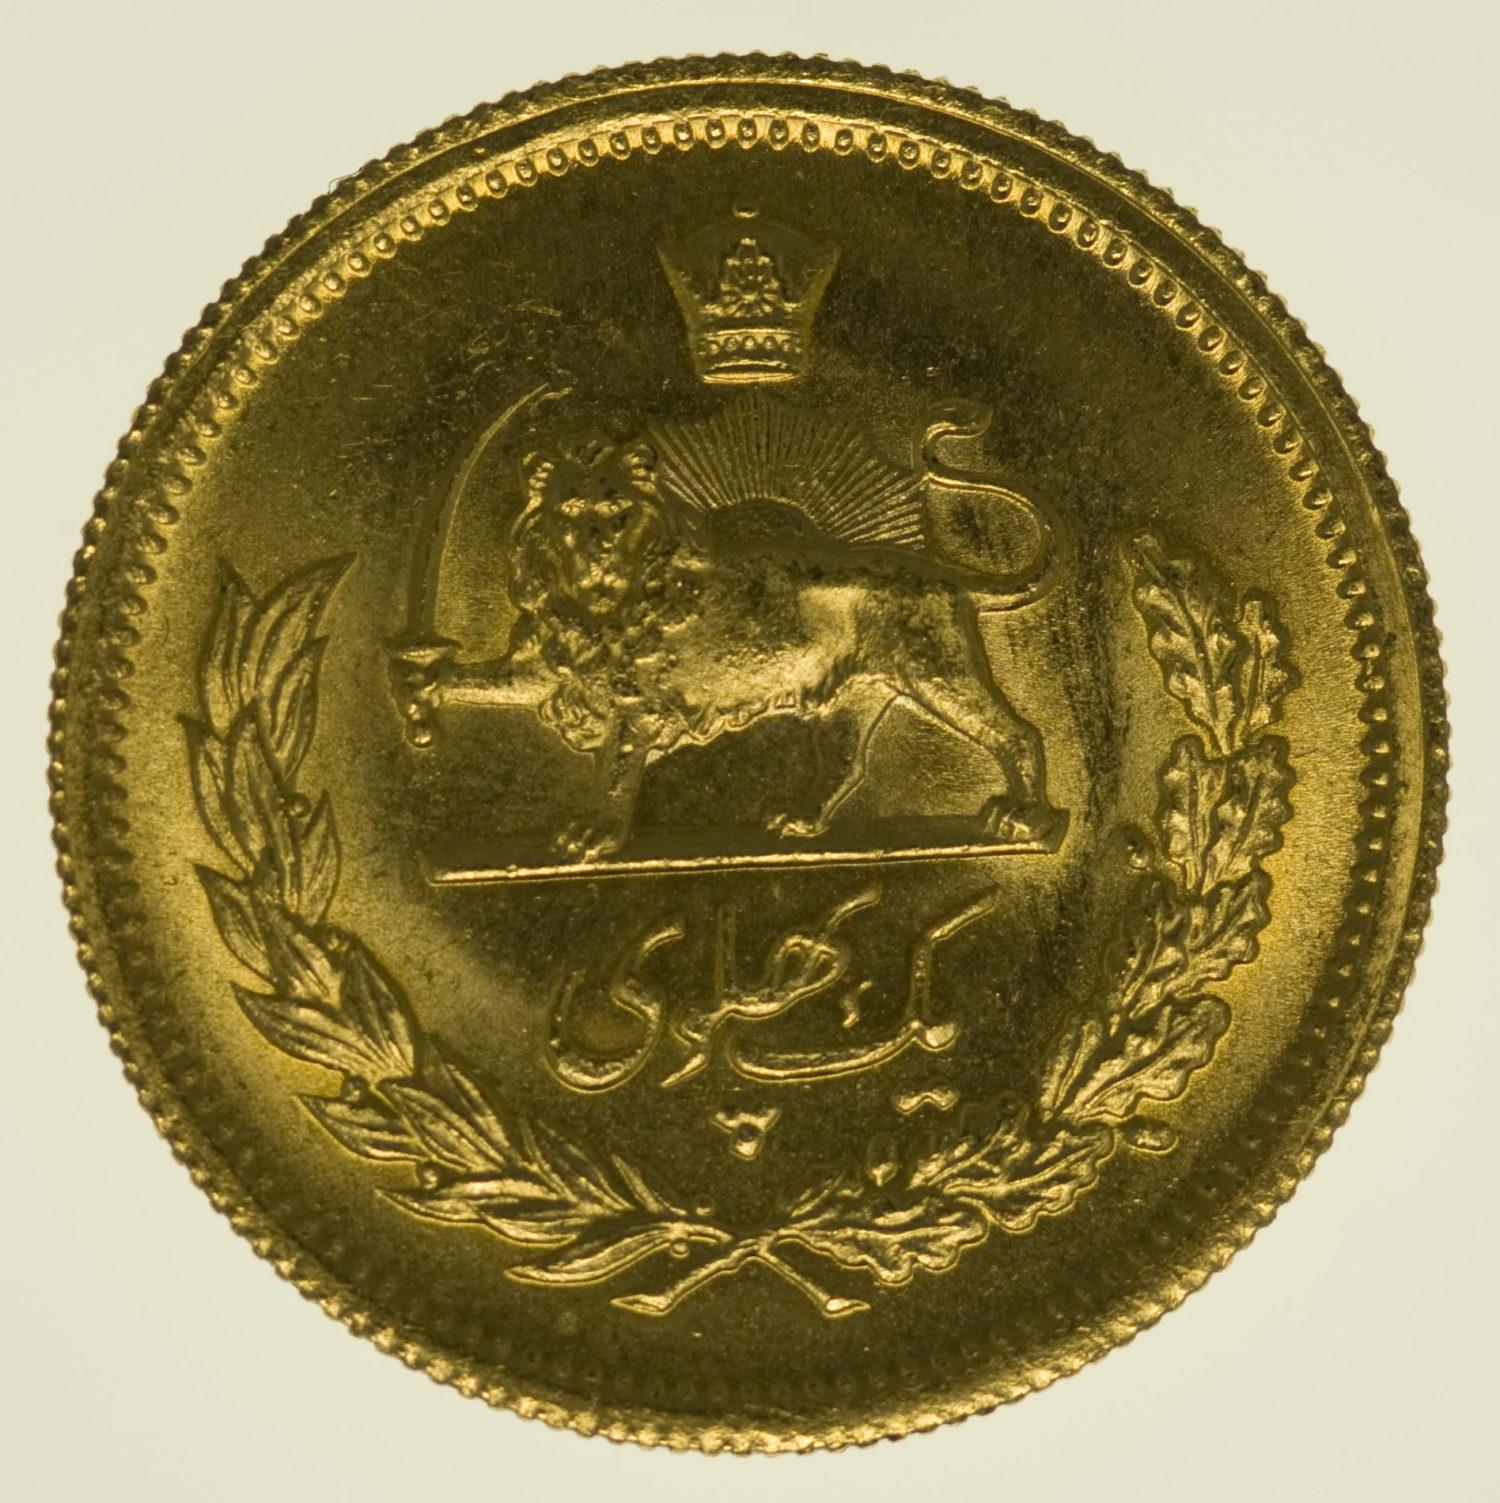 iran - Iran Mohammed Reza Shah 1 Pahlavi 1977